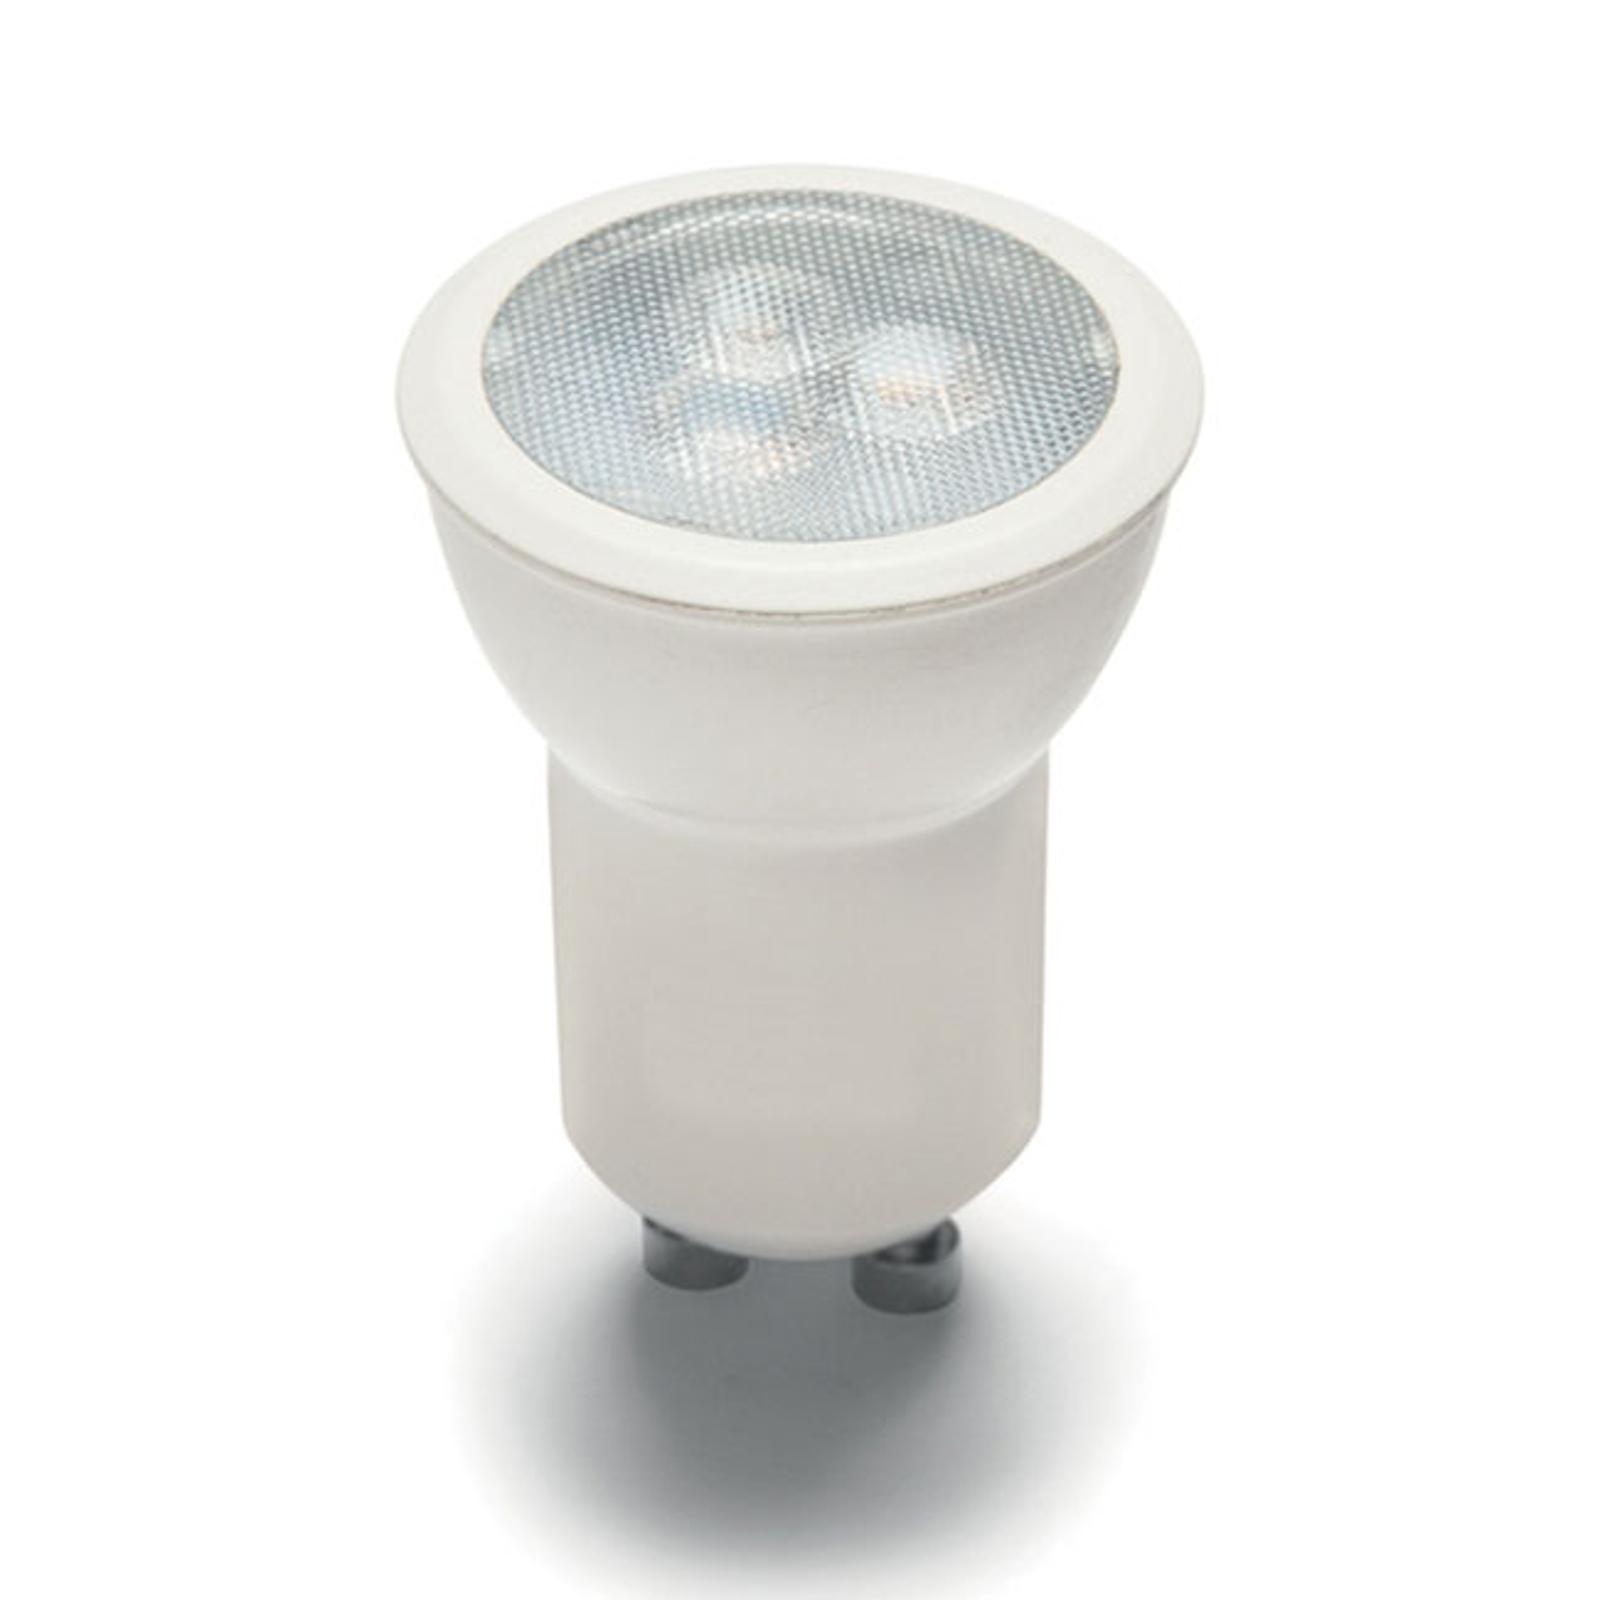 GU10 LED-pære 3,2W Ø3,5 cm 220 lm 3.000 K